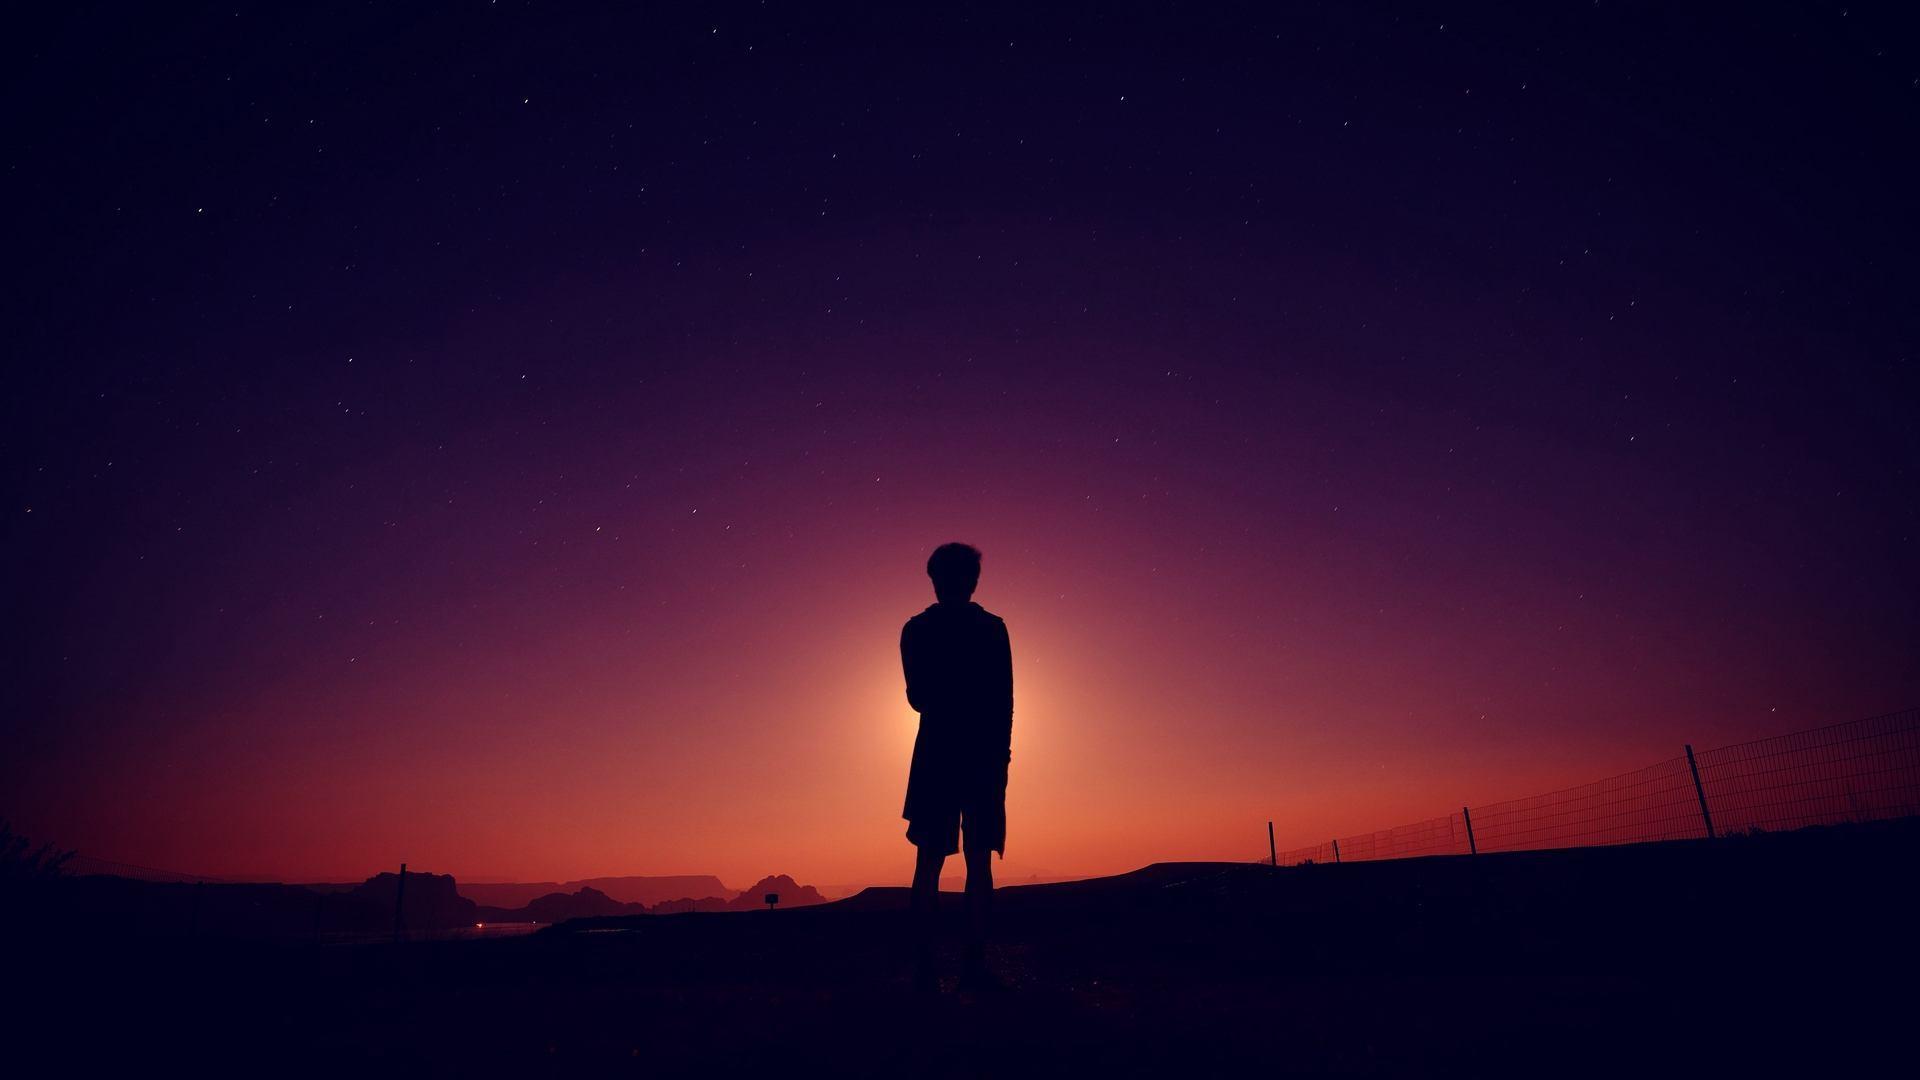 一个人孤独旅程的心情语录:热闹惯了,慢慢理解孤独也是种享受